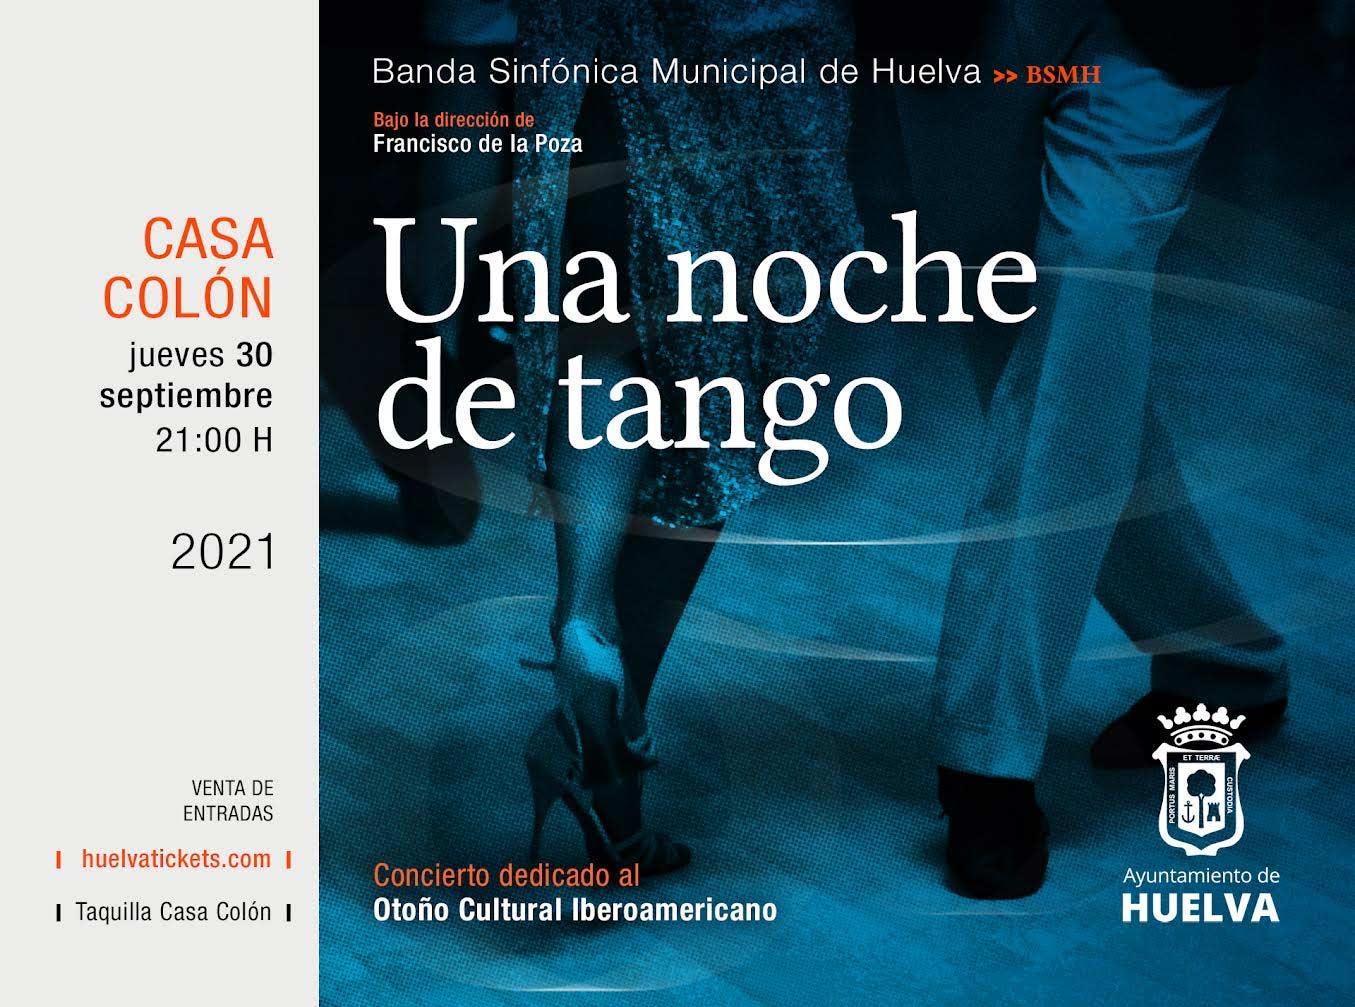 una noche de tango banda sinfonica municipal de huelva dirigida por francisco de la poza 30 septiembre 2021